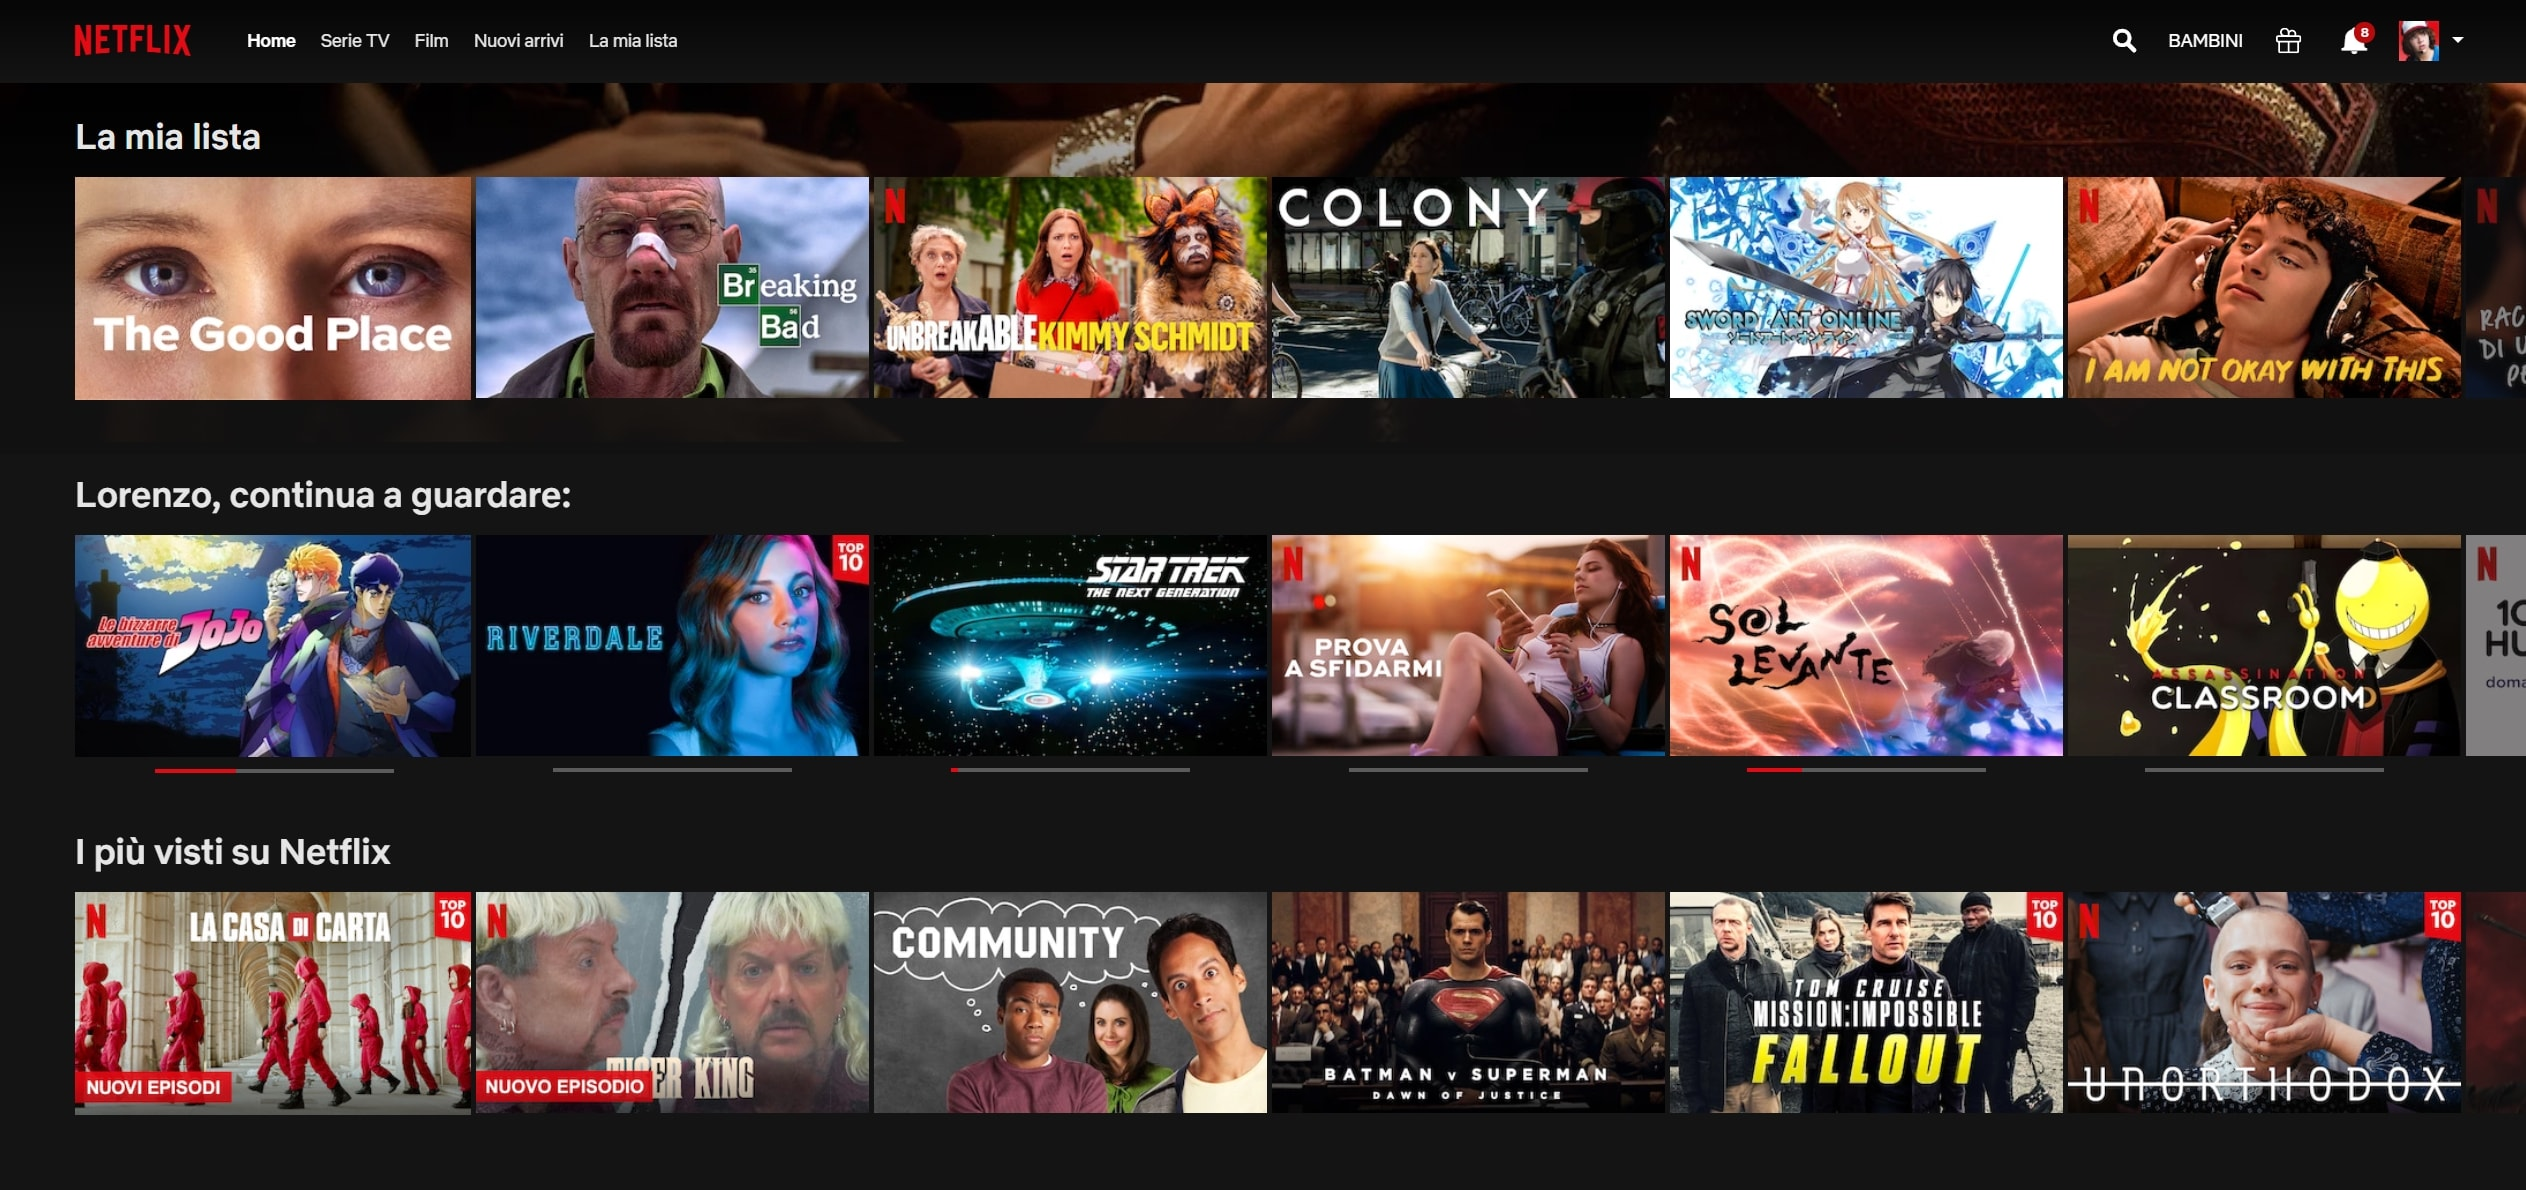 Cosa vedere su Netflix: serie TV, film, documentari, anime aggiornato al 30 aprile